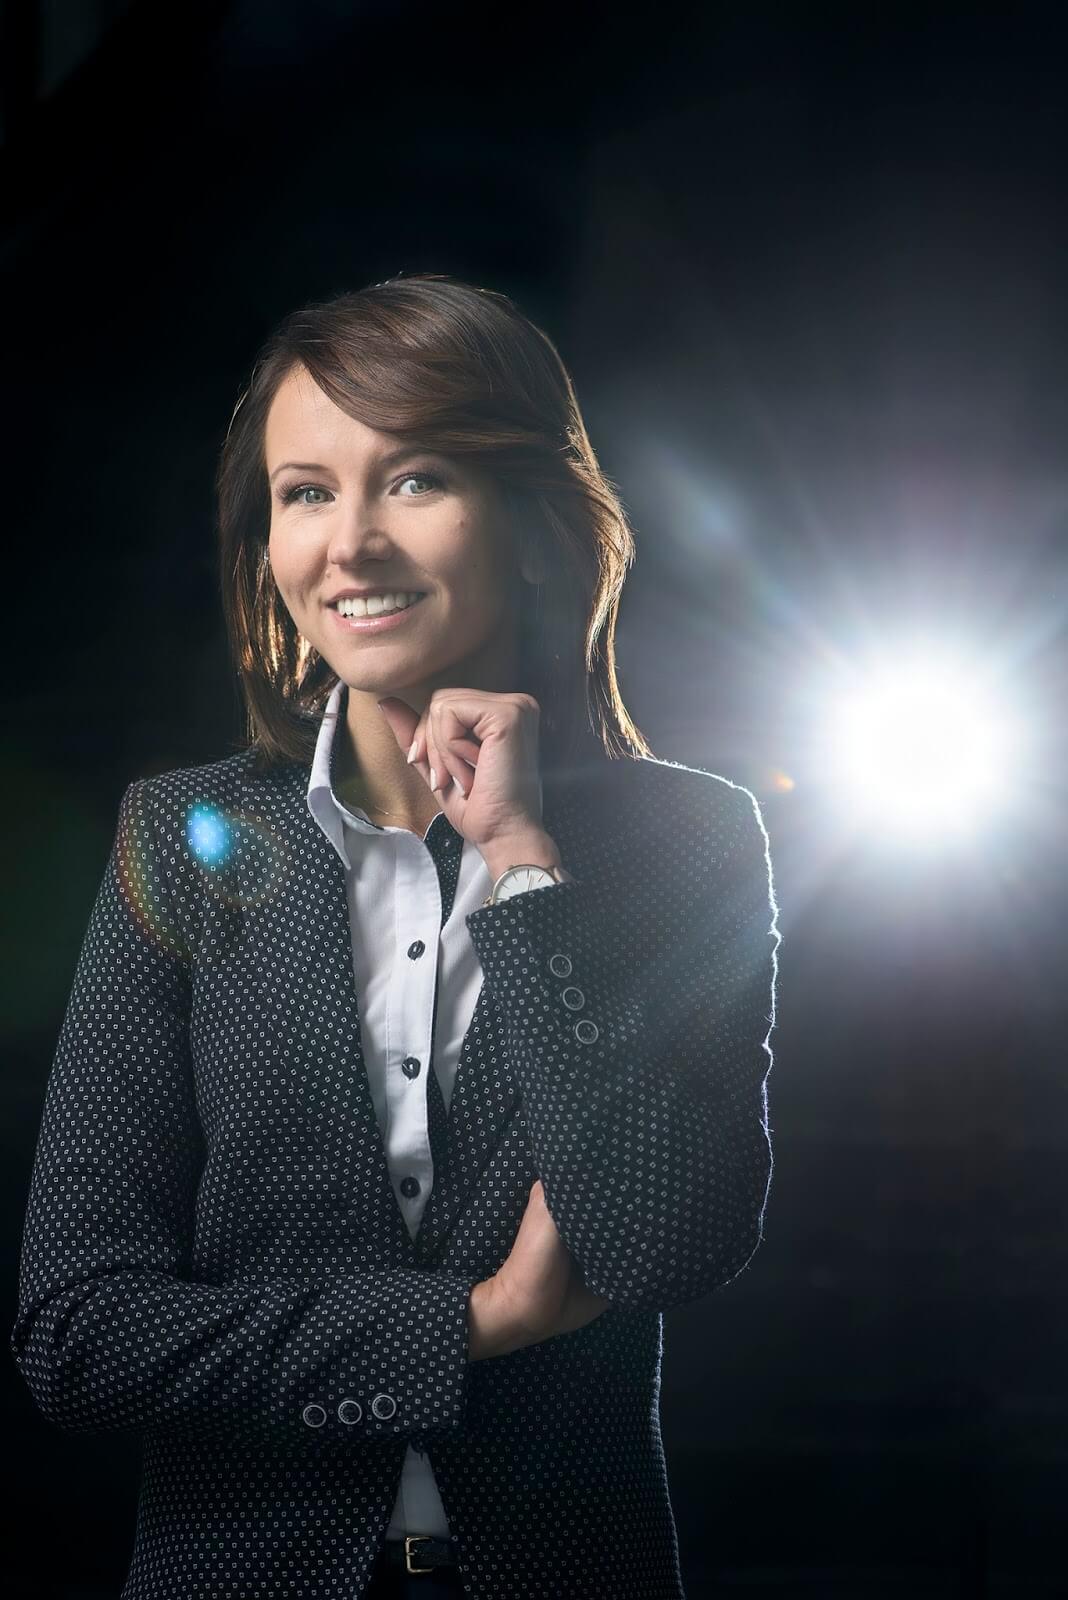 Zdjęcie wizerunkowe - kobieta w stroju biznesowym